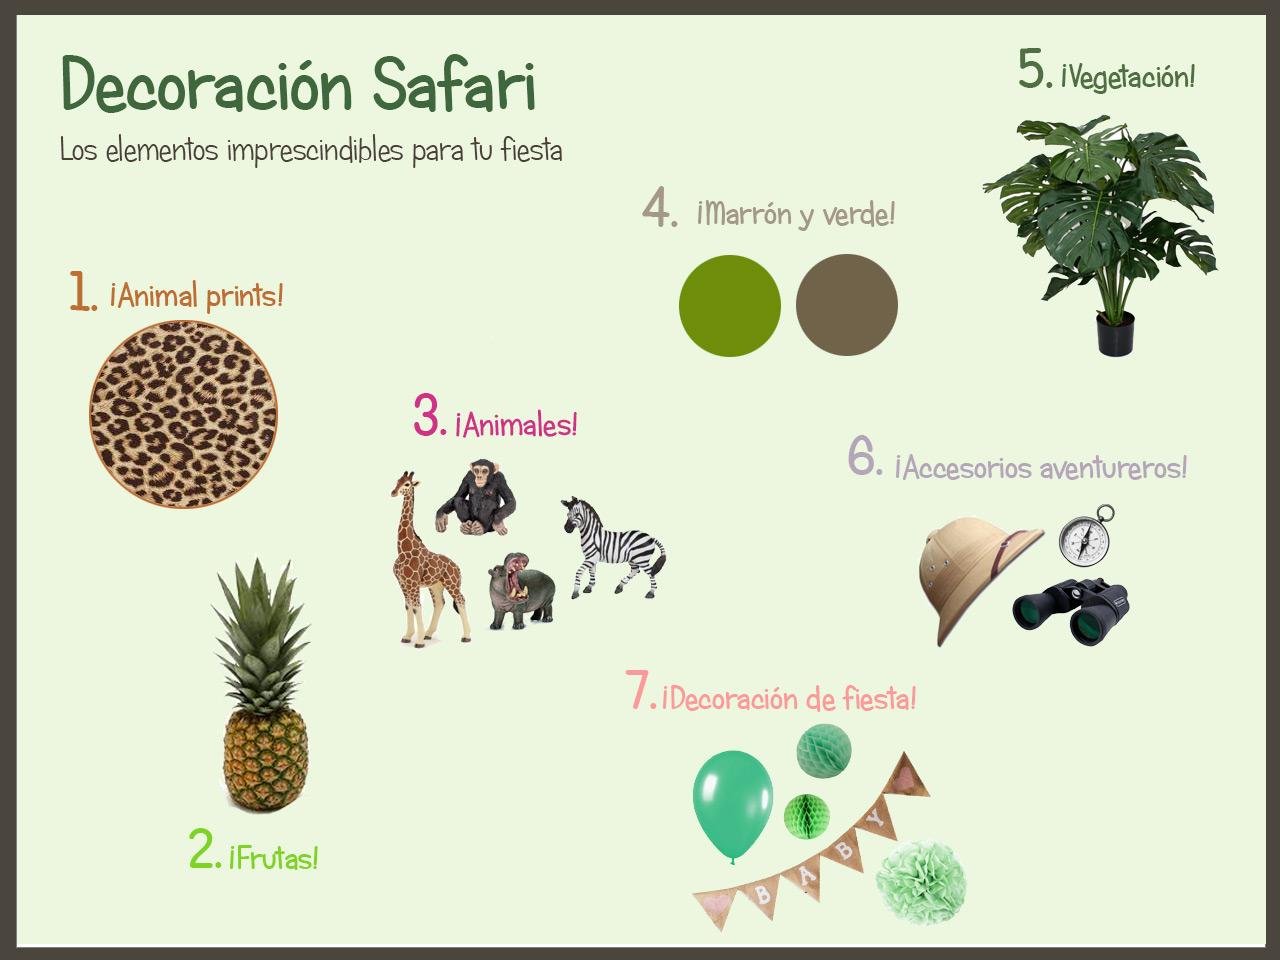 Decoración safari Los imprescindibles de Dicoro